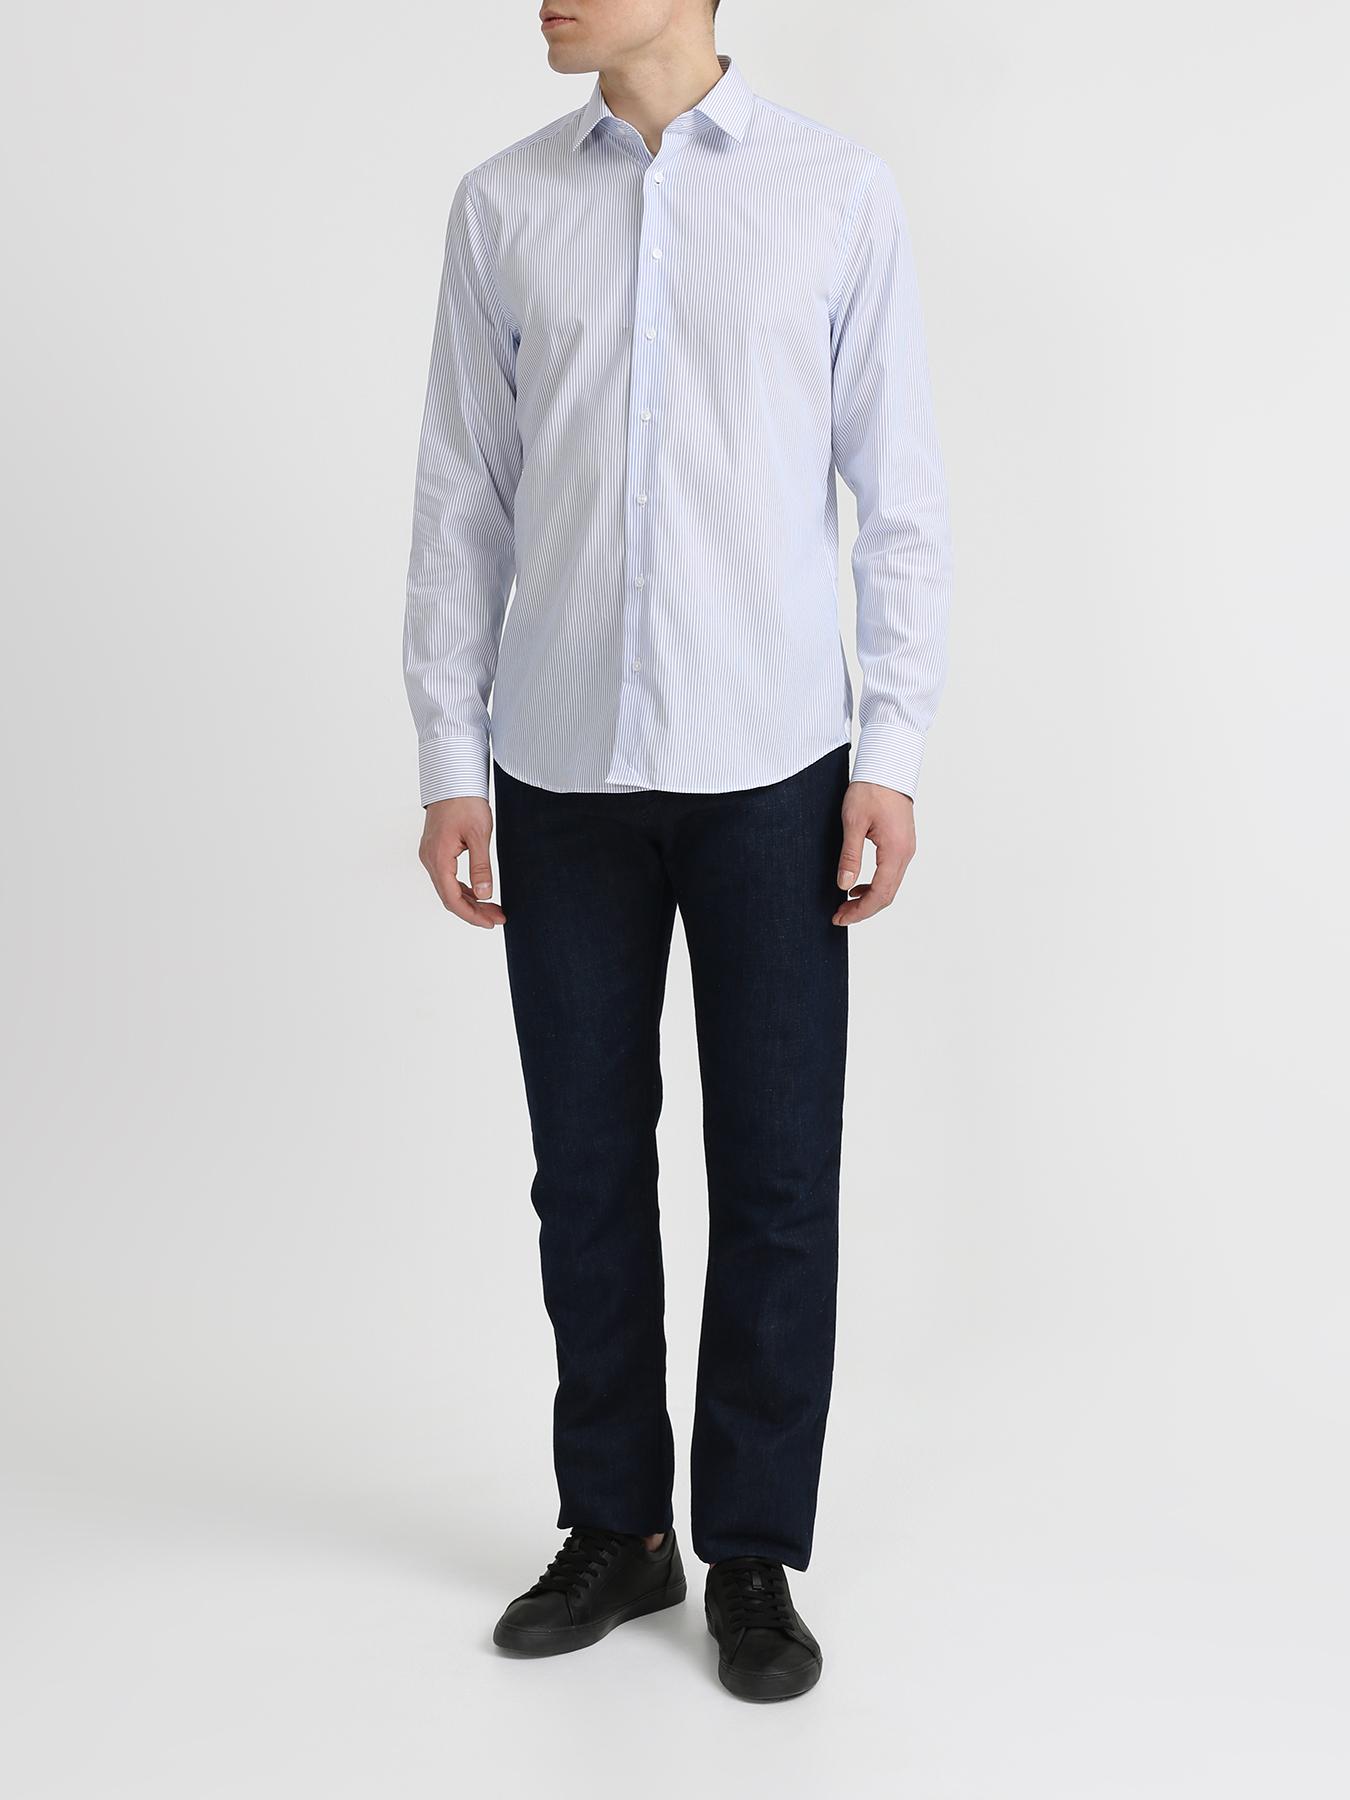 Ritter Хлопковая рубашка в полоску фото